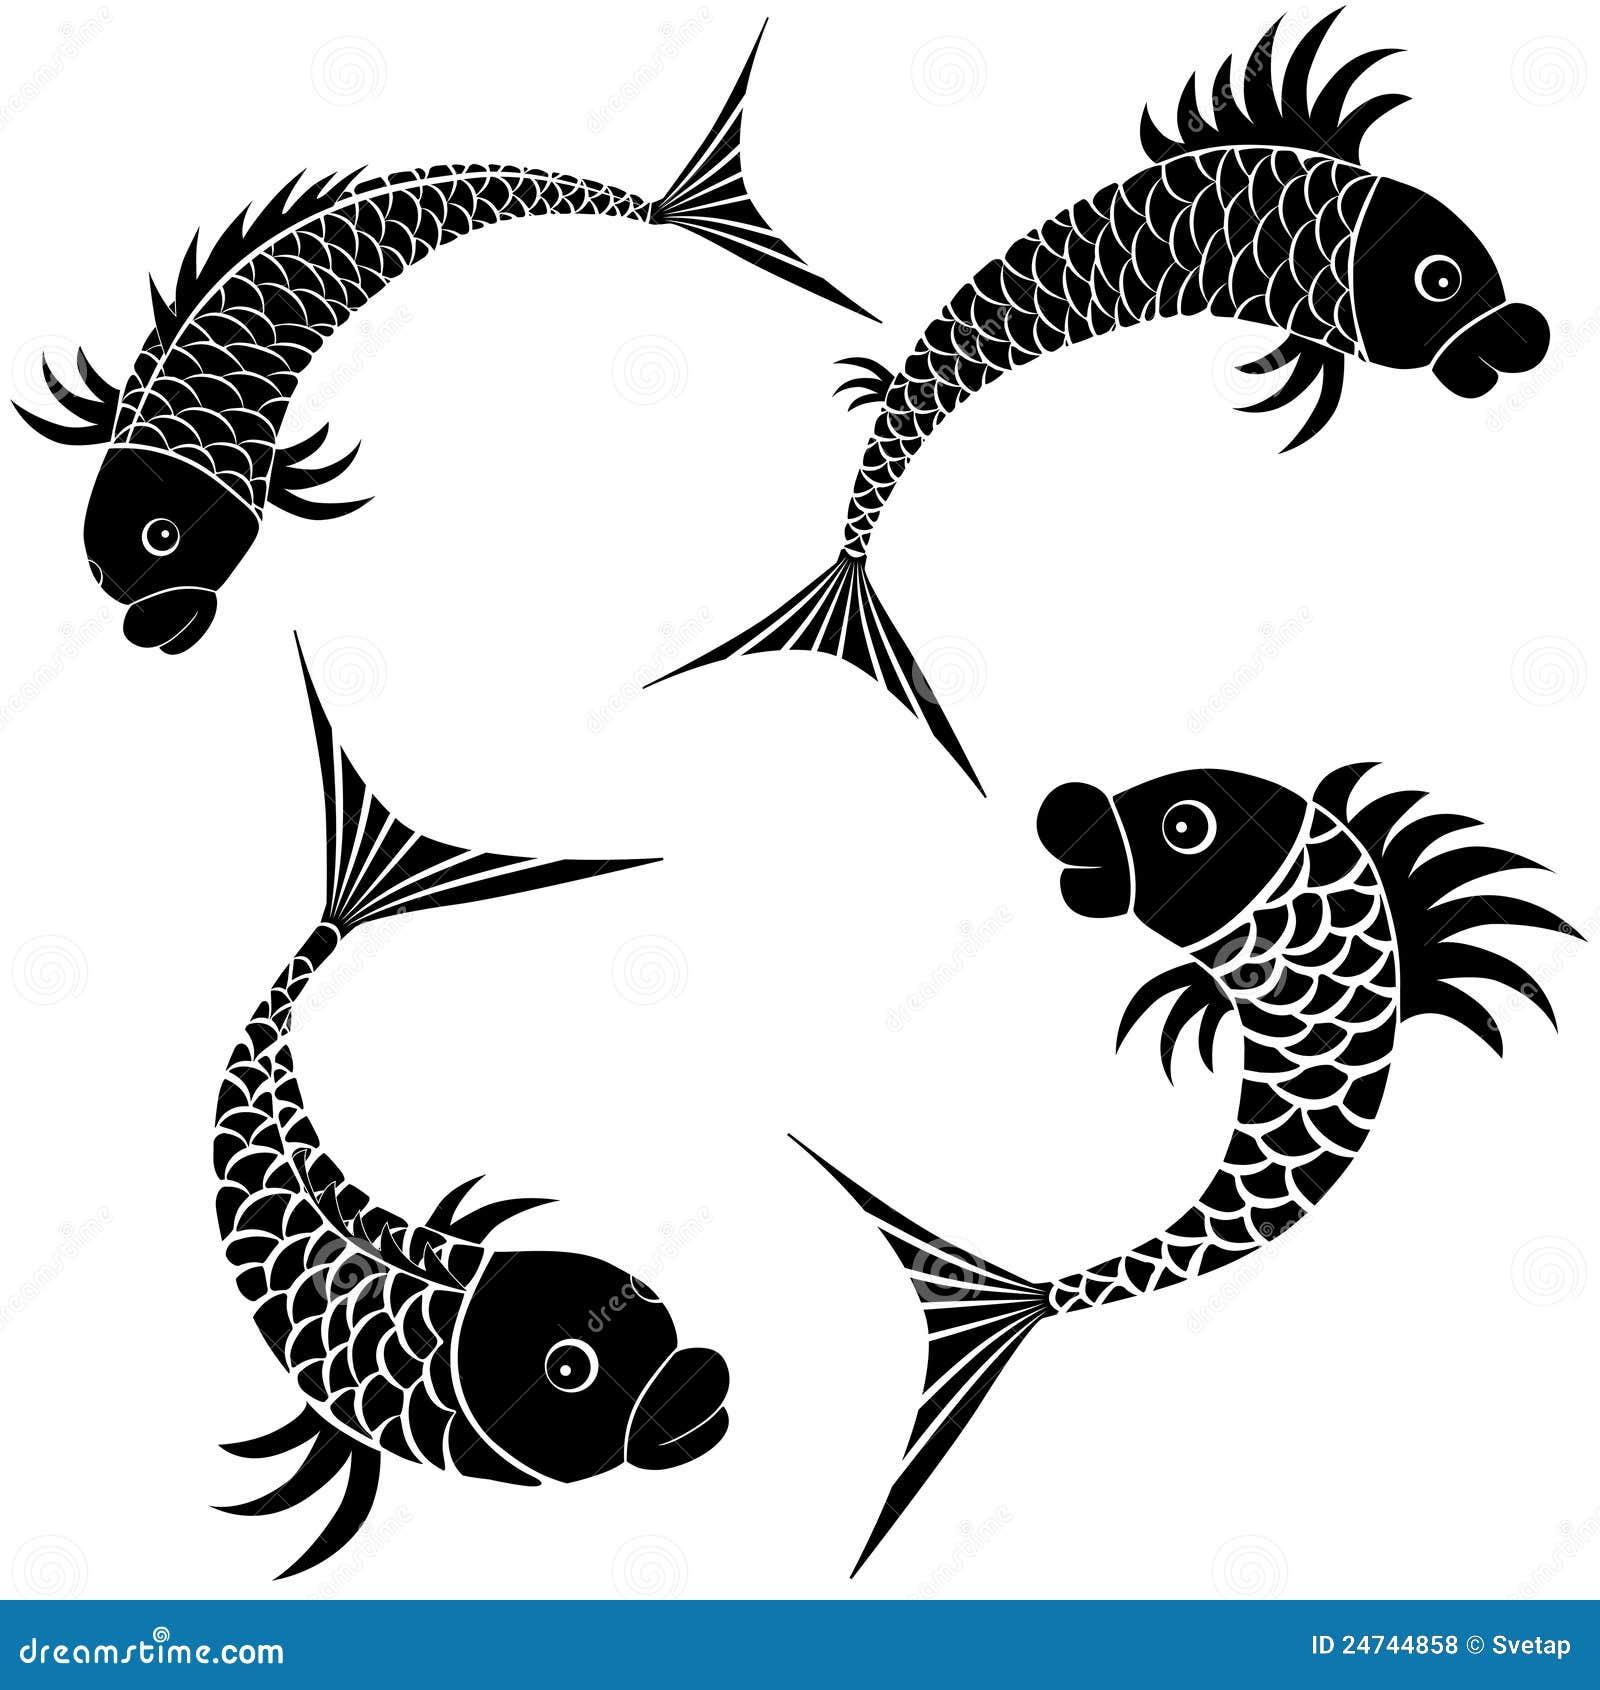 Graphisme de conception de croquis de poissons - Croquis poisson ...